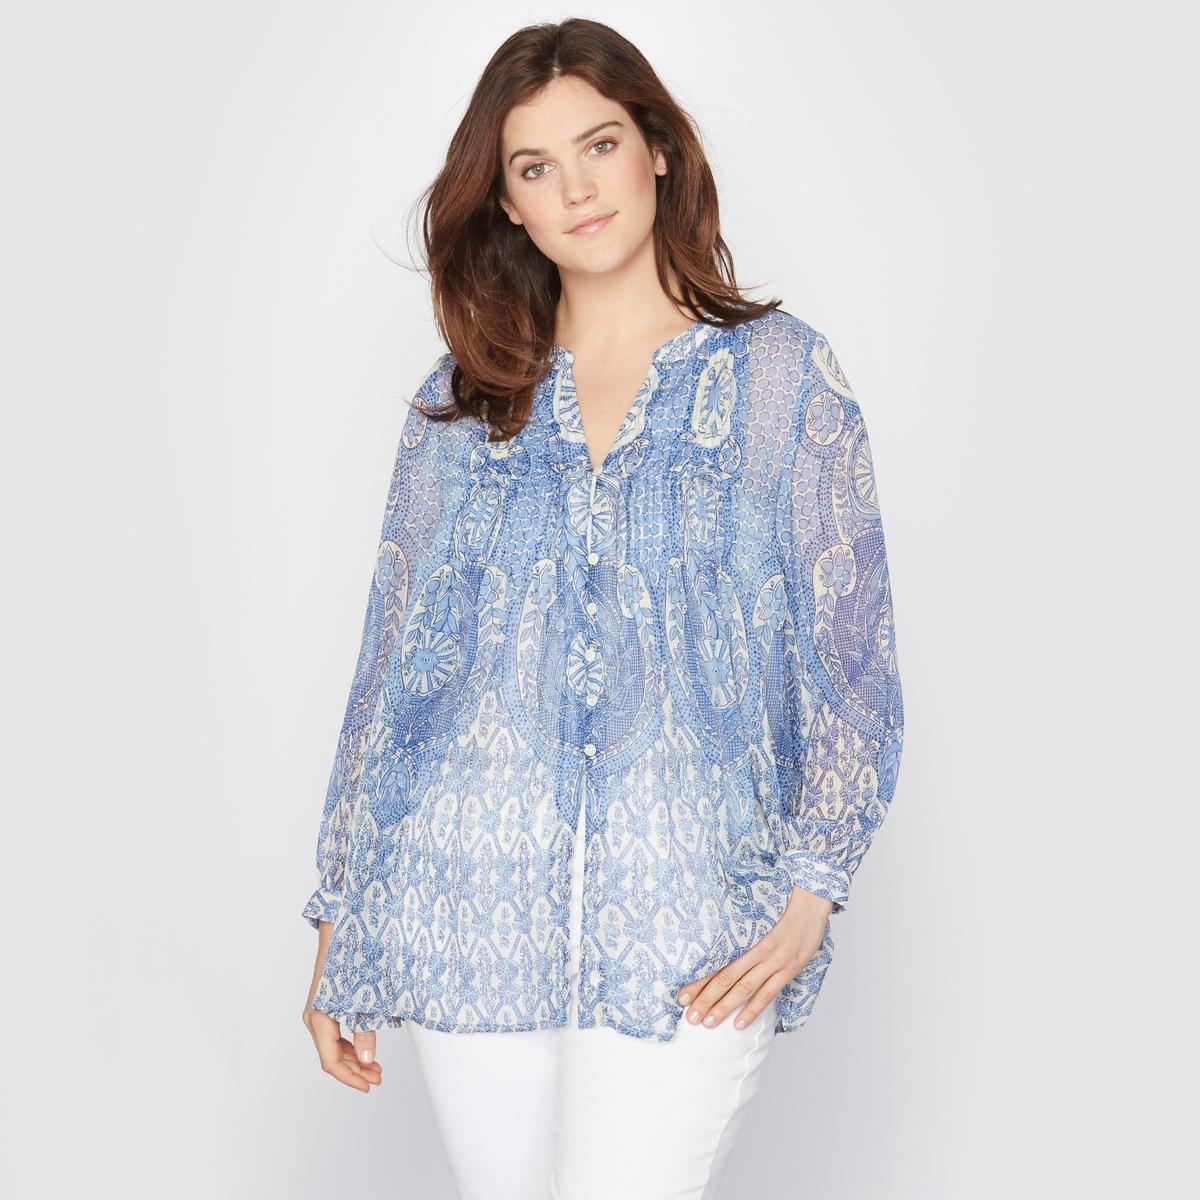 Рубашка длинная с кашемировым рисункомДлинная рубашка. Кашемировый рисунок, прозрачная вуаль и складки спереди… Круглый вырез. Длинные рукава. Застежка на пуговицы. Вуаль, 100% полиэстера. Длина 76 см.<br><br>Цвет: наб. рисунок синий<br>Размер: 42 (FR) - 48 (RUS)